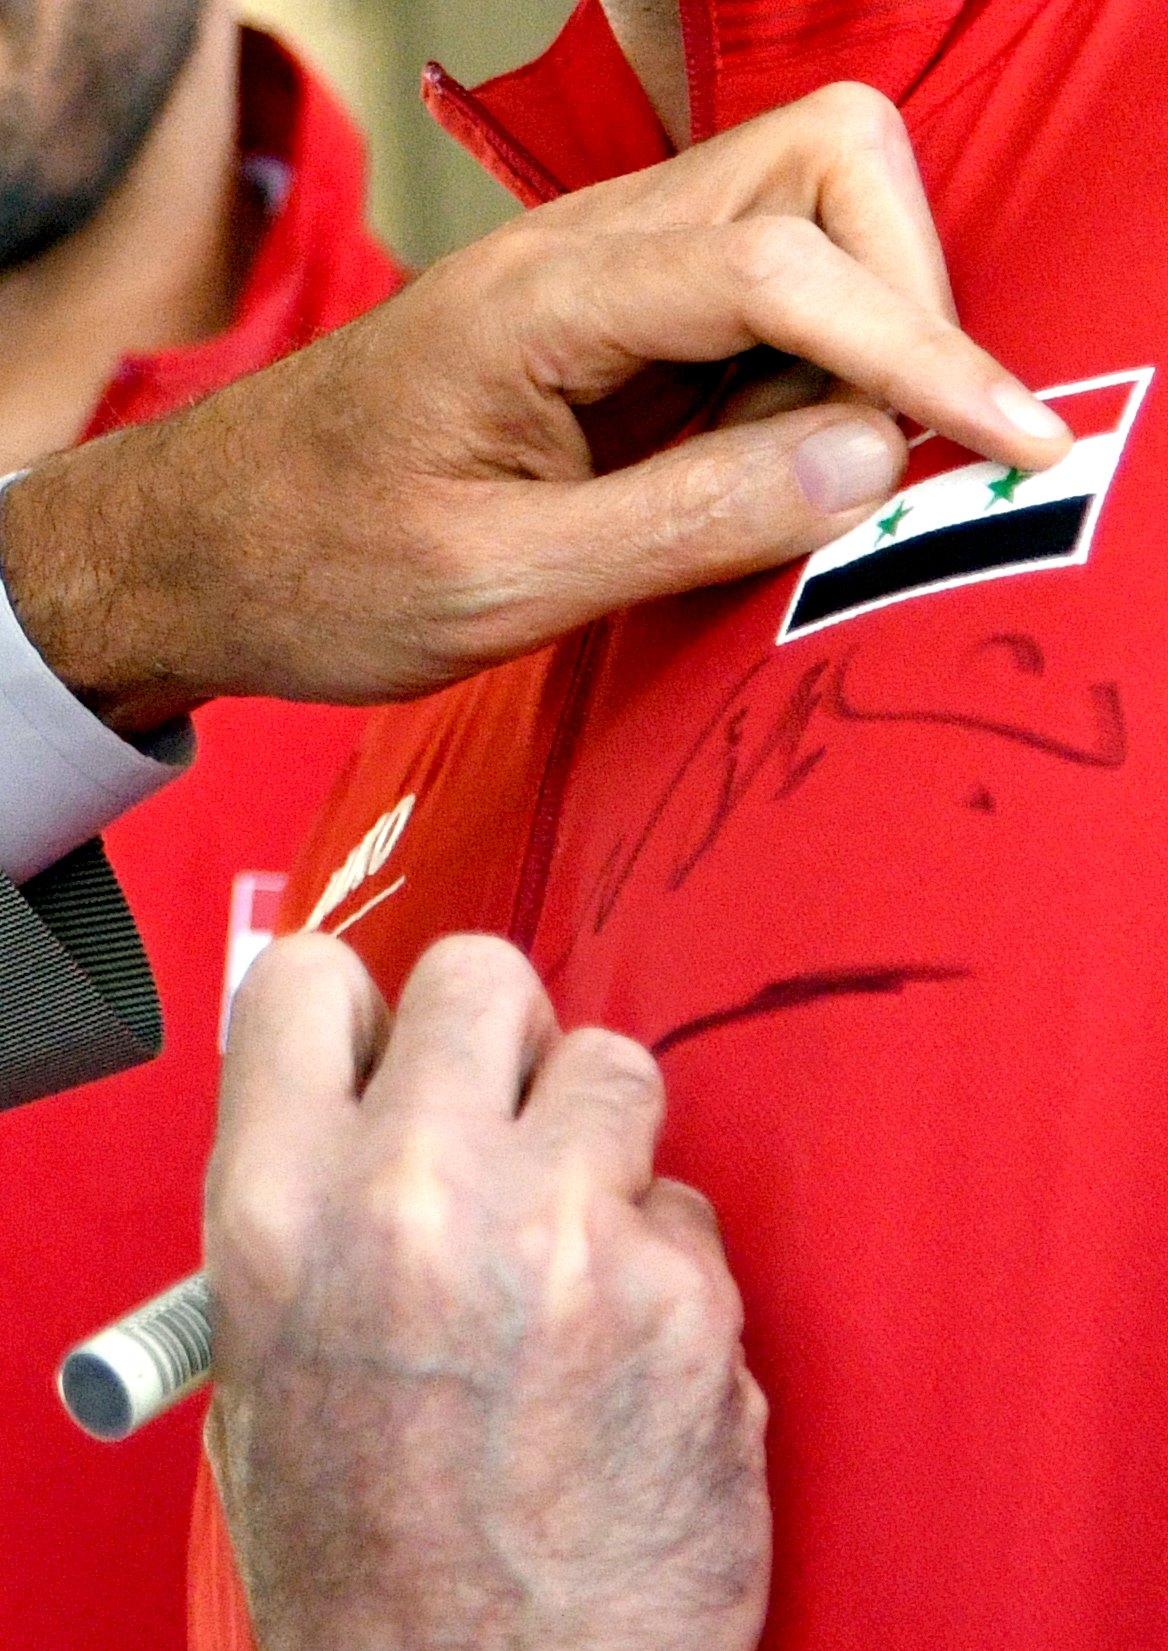 رئيس النظام السوري، بشار الأسد، يكتب اسمه على صدور لاعبي المنتخب السوري - 23 تشرين الأول 2017 (رئاسة الجمهورية)